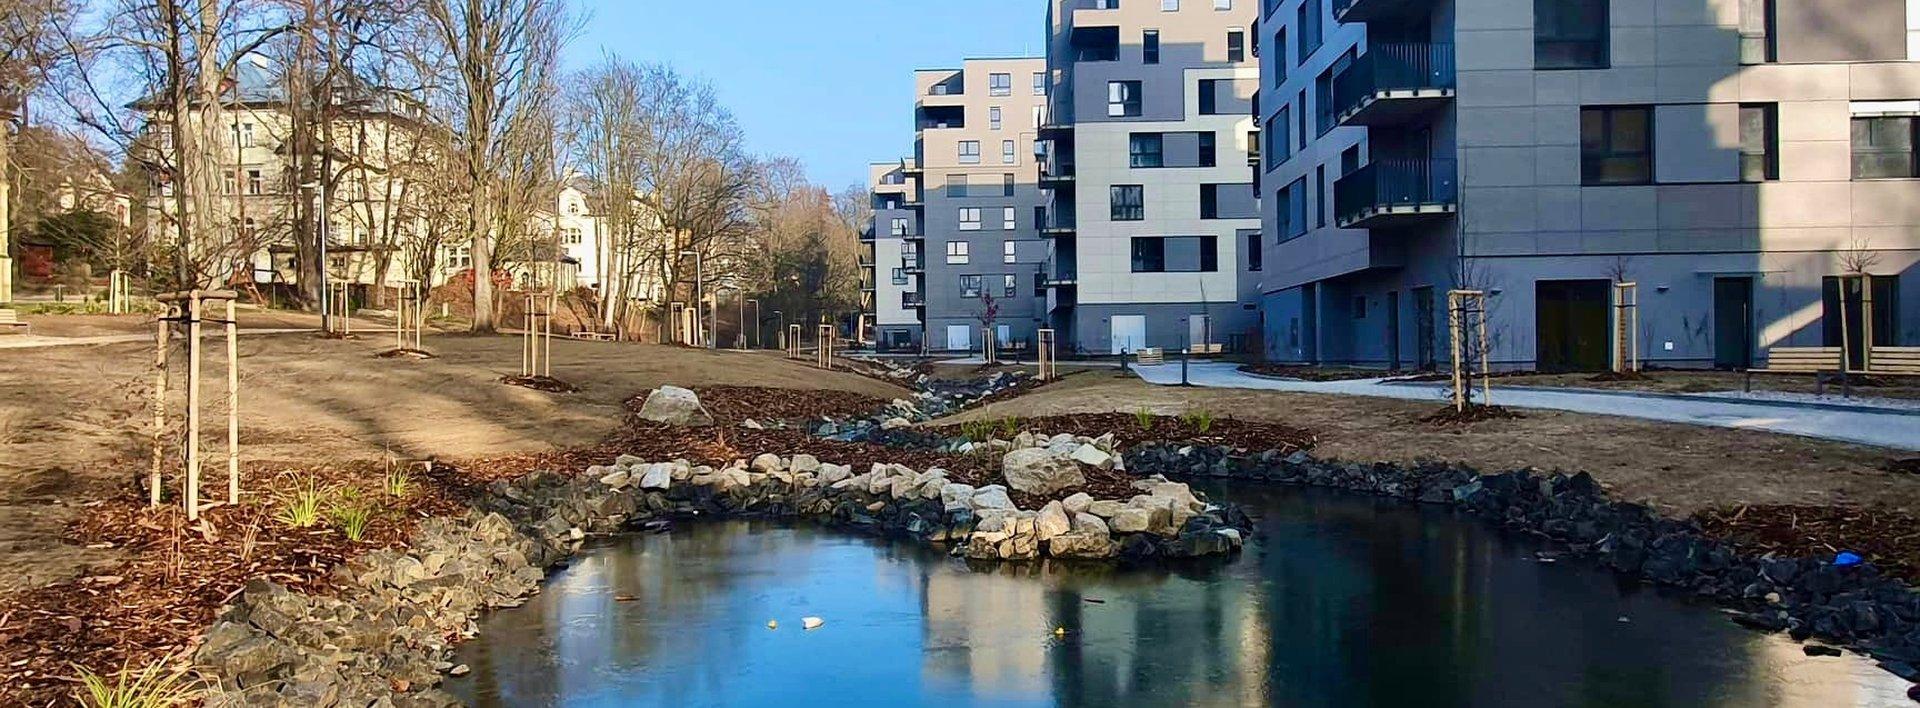 Pronájem bytu 2+kk, 45 m²  + parkovací místo - Liberec, Staré Město, ul. Vítězná, Ev.č.: N48941